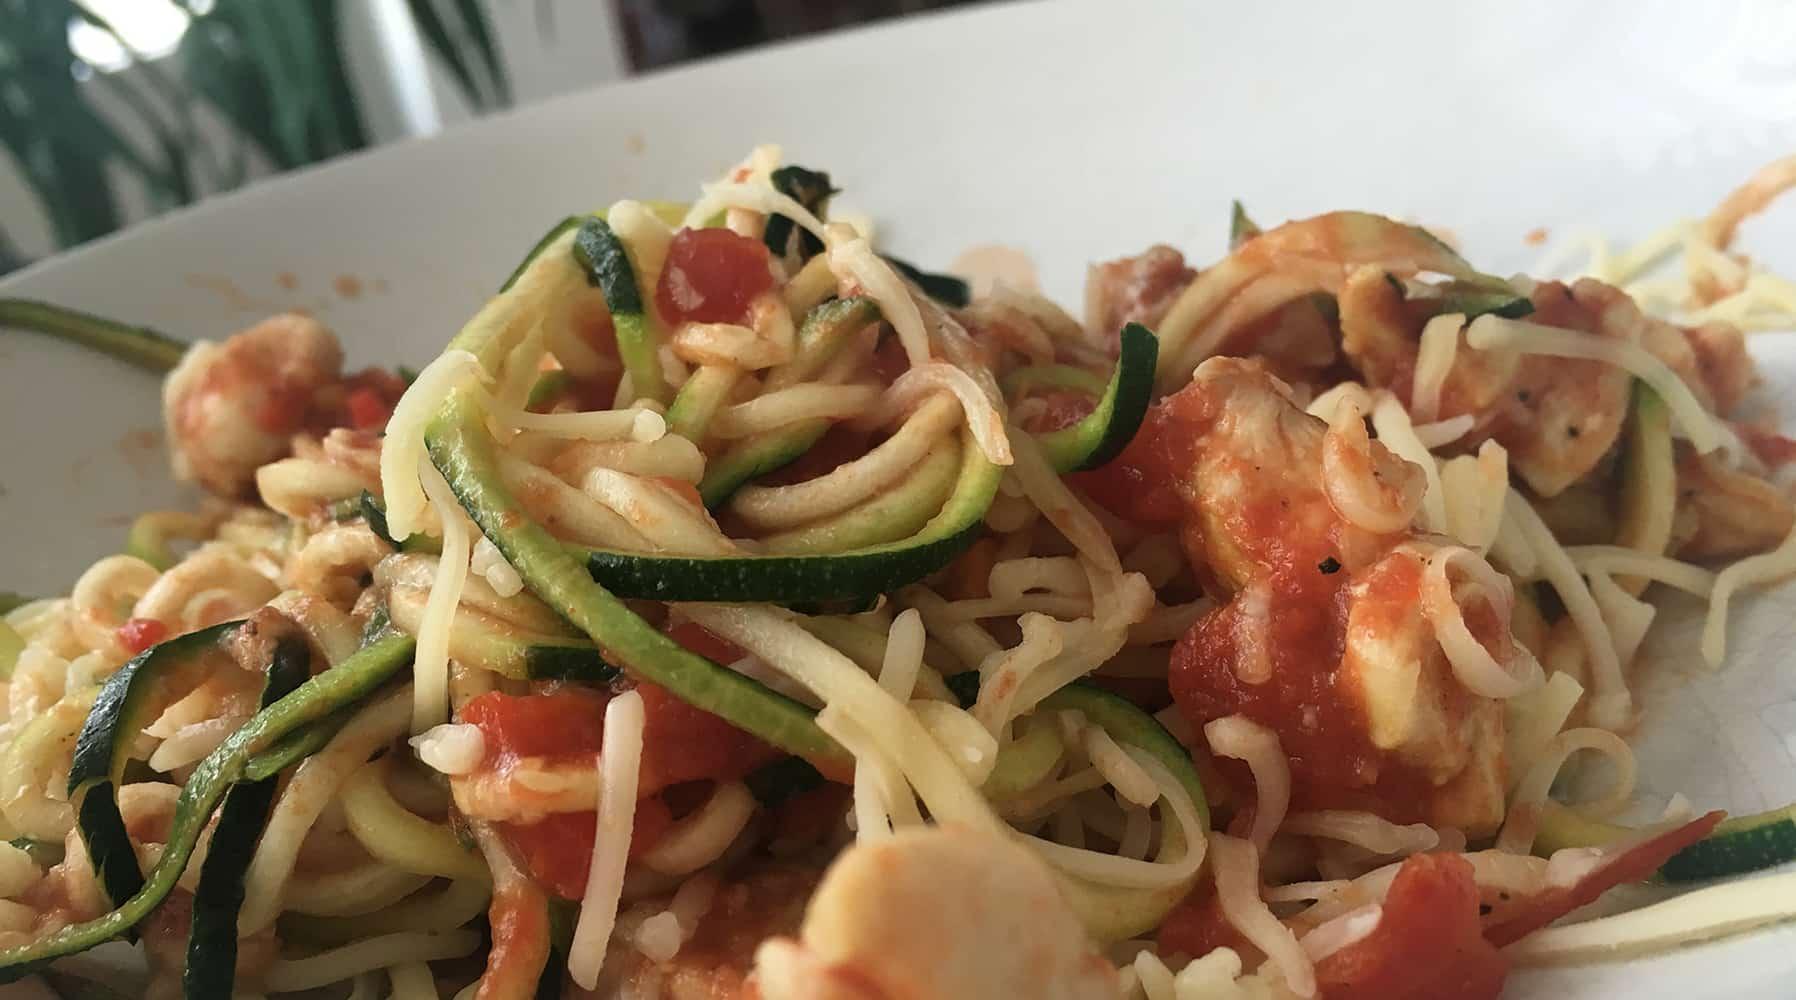 Mijn eerste courgettepasta: en hierbij het recept courgettepasta met kip!